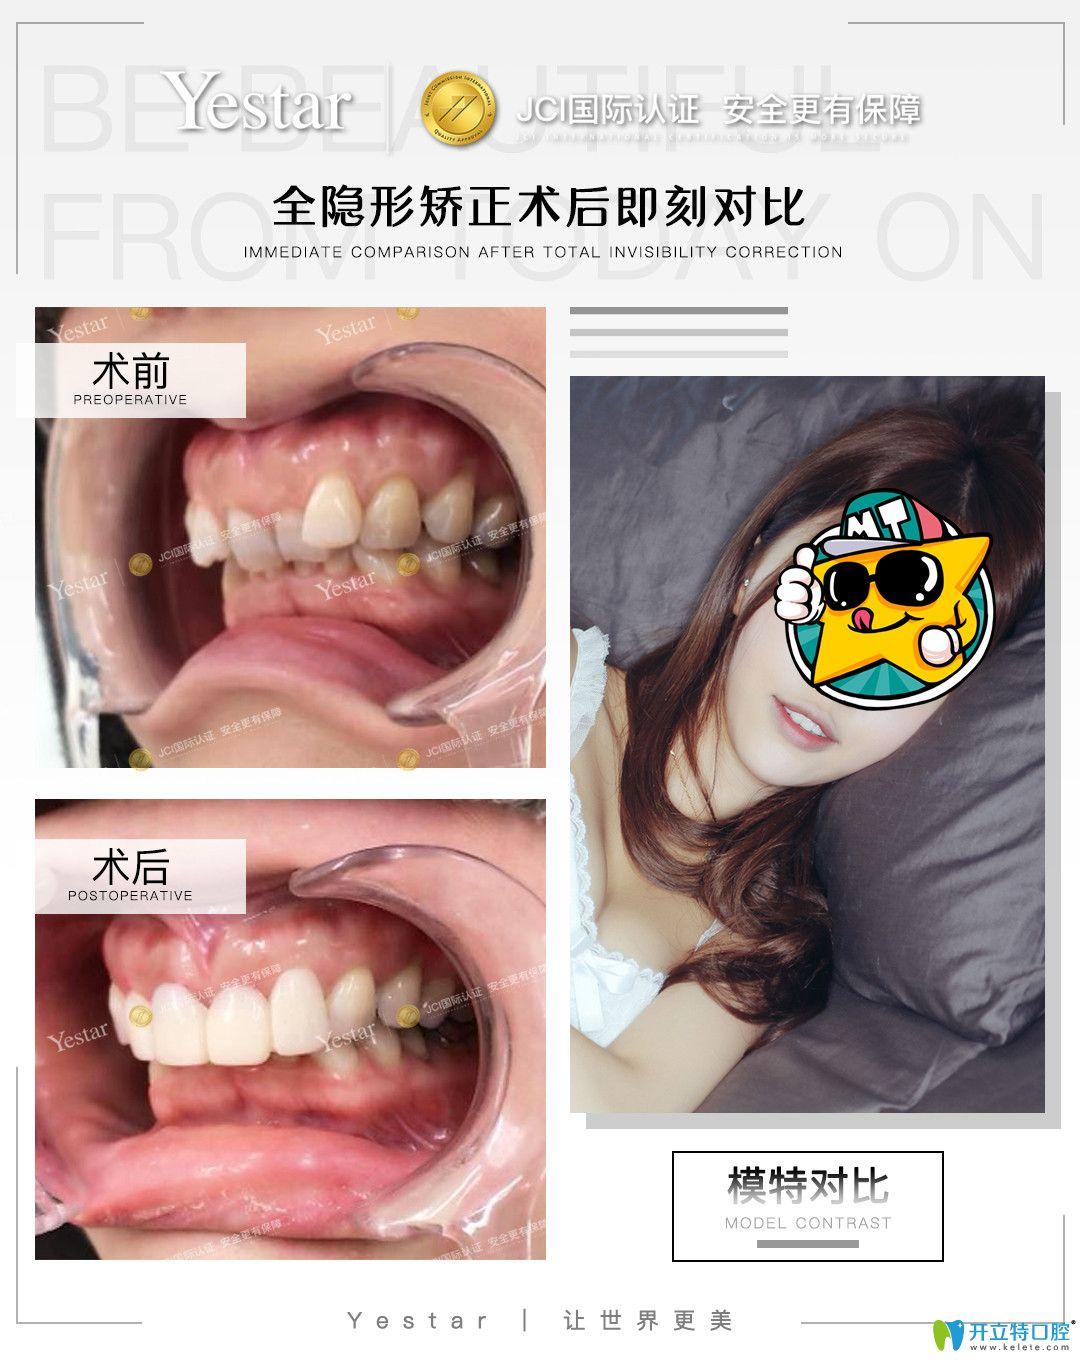 在宁波艺星口腔戴隐形牙套是什么感受,真实正畸经验分享